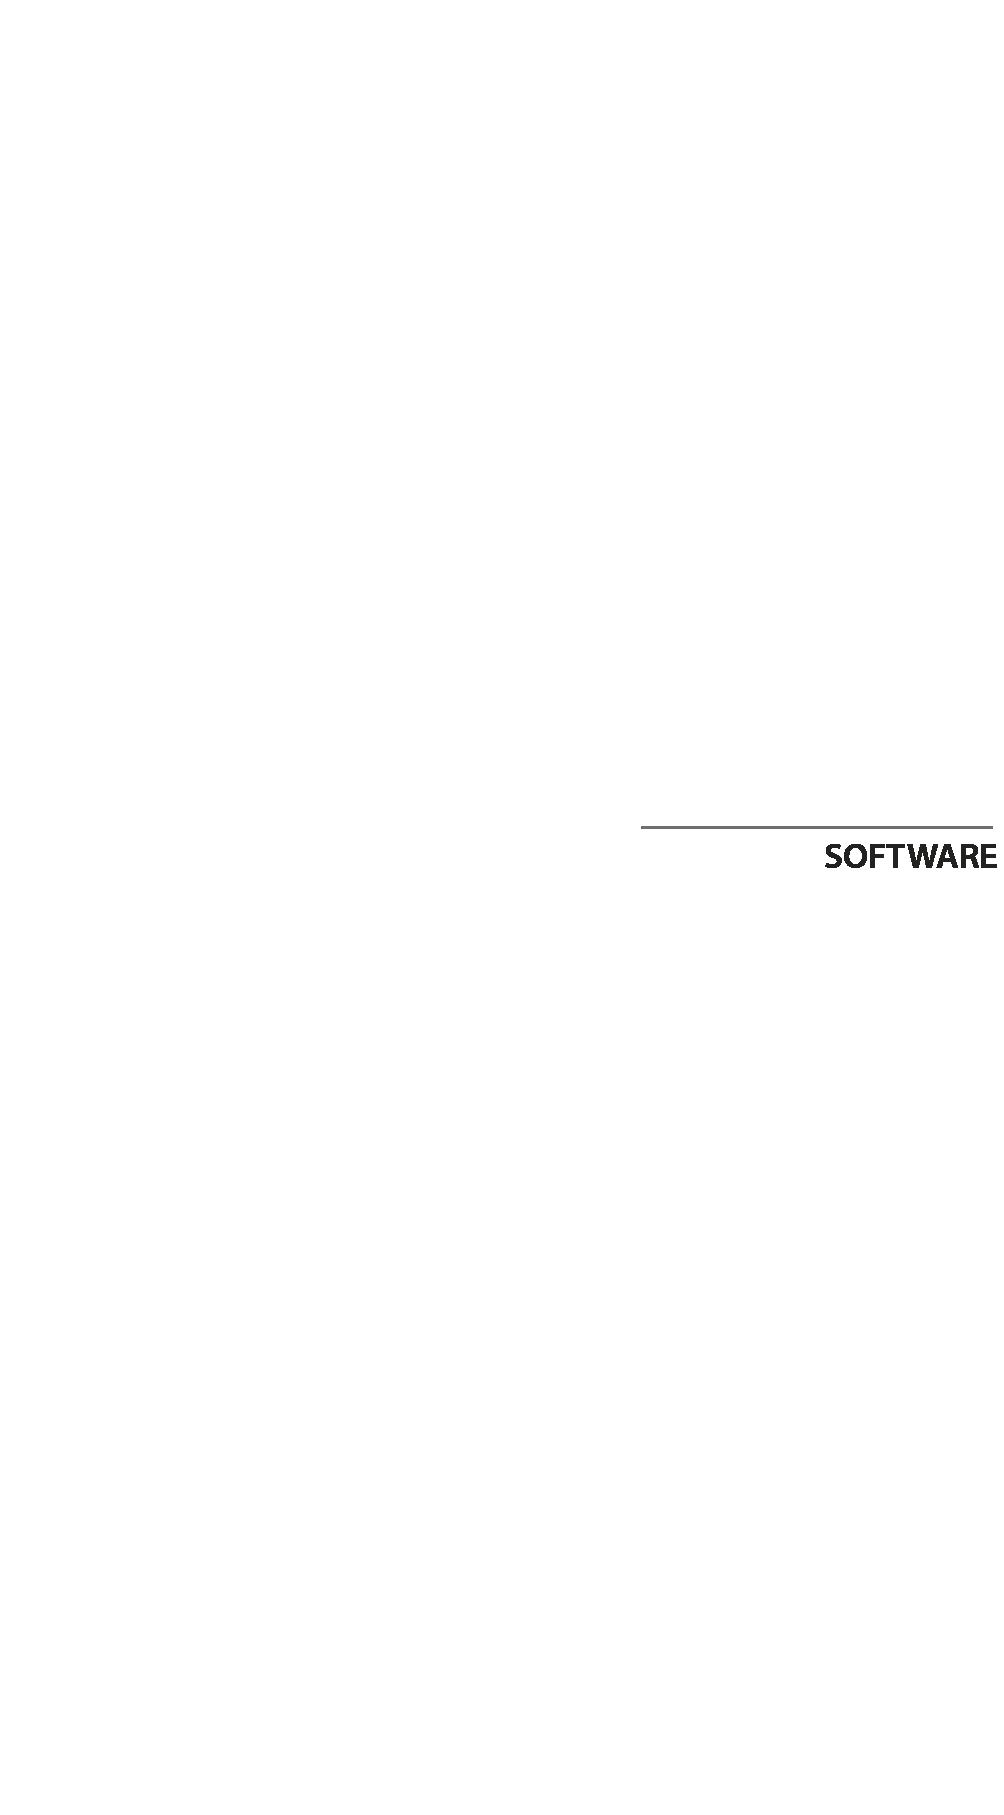 Tipografia software